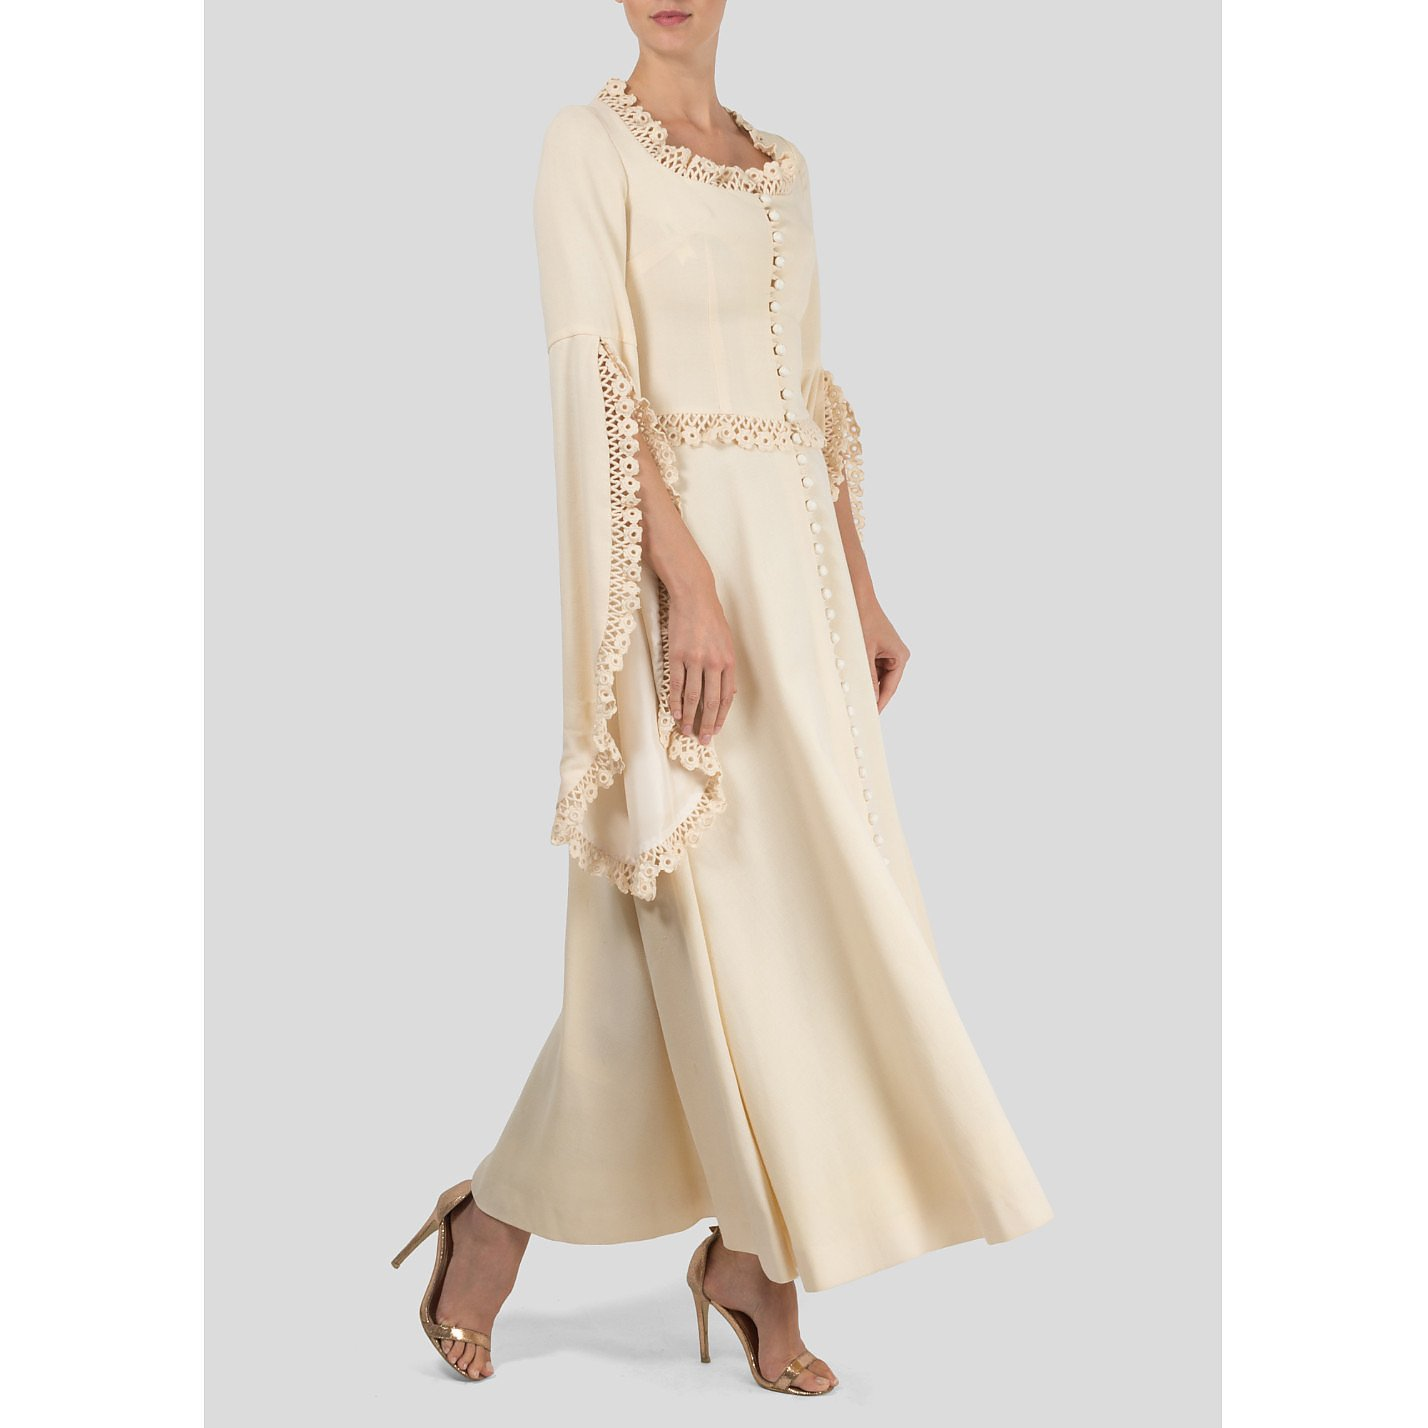 Annacat Button-Up Dress